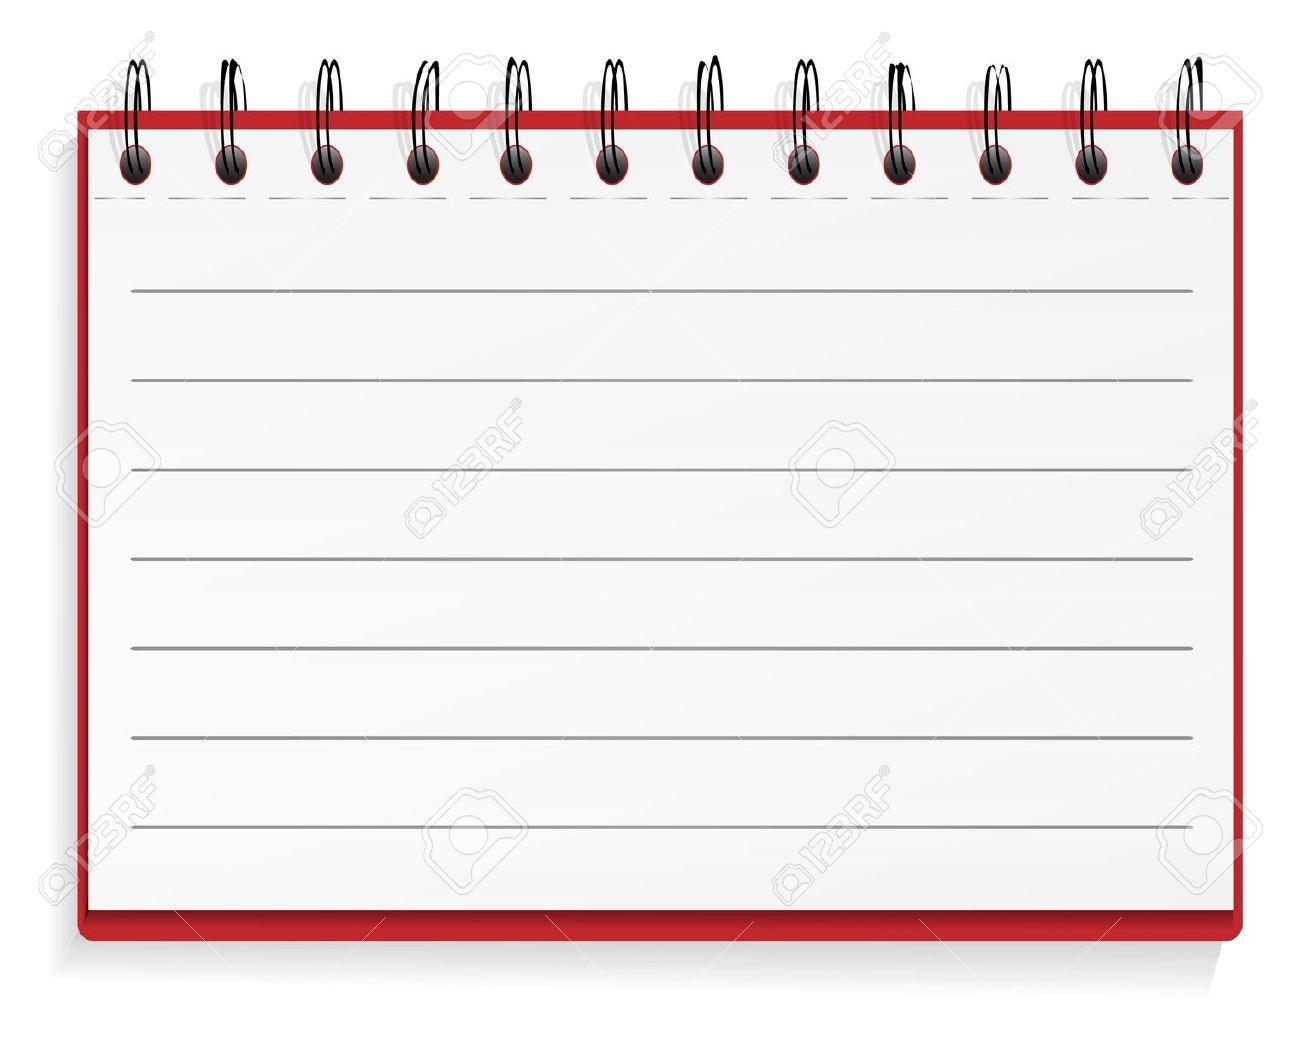 Similiar Notebook Clip Art Drawings Keywords.